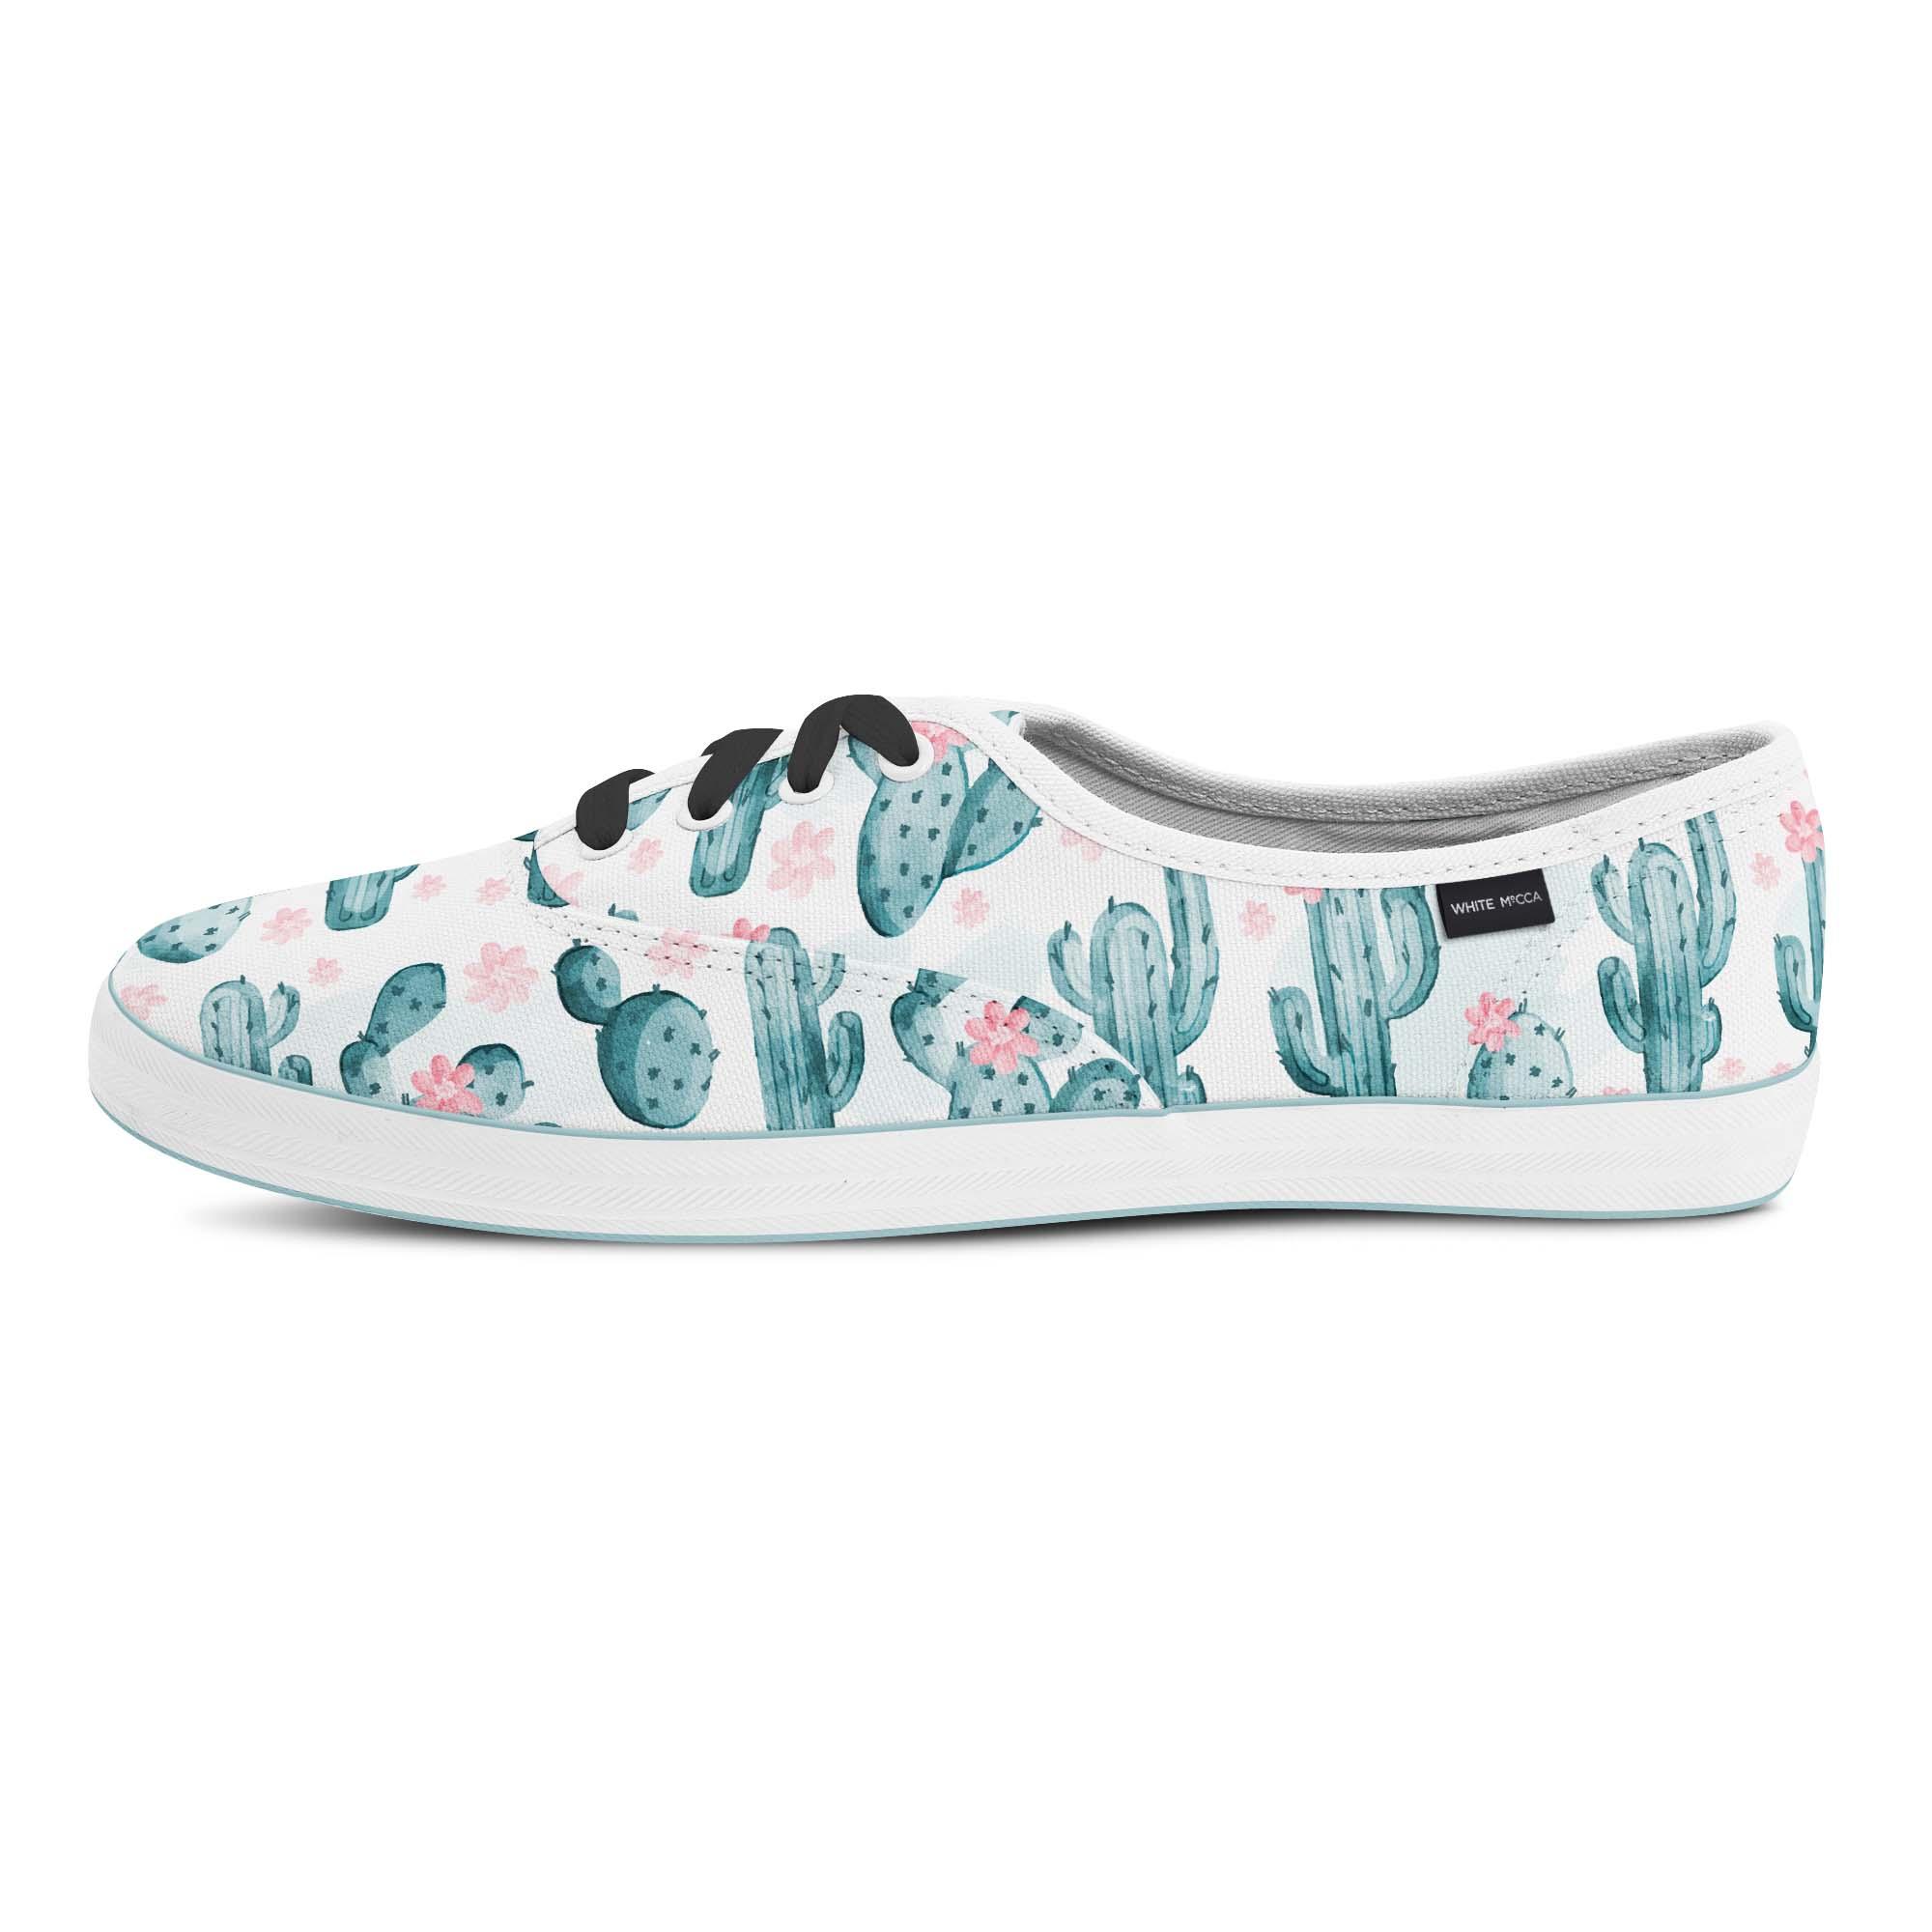 Free Women Loafer Shoes Artwork Mockup